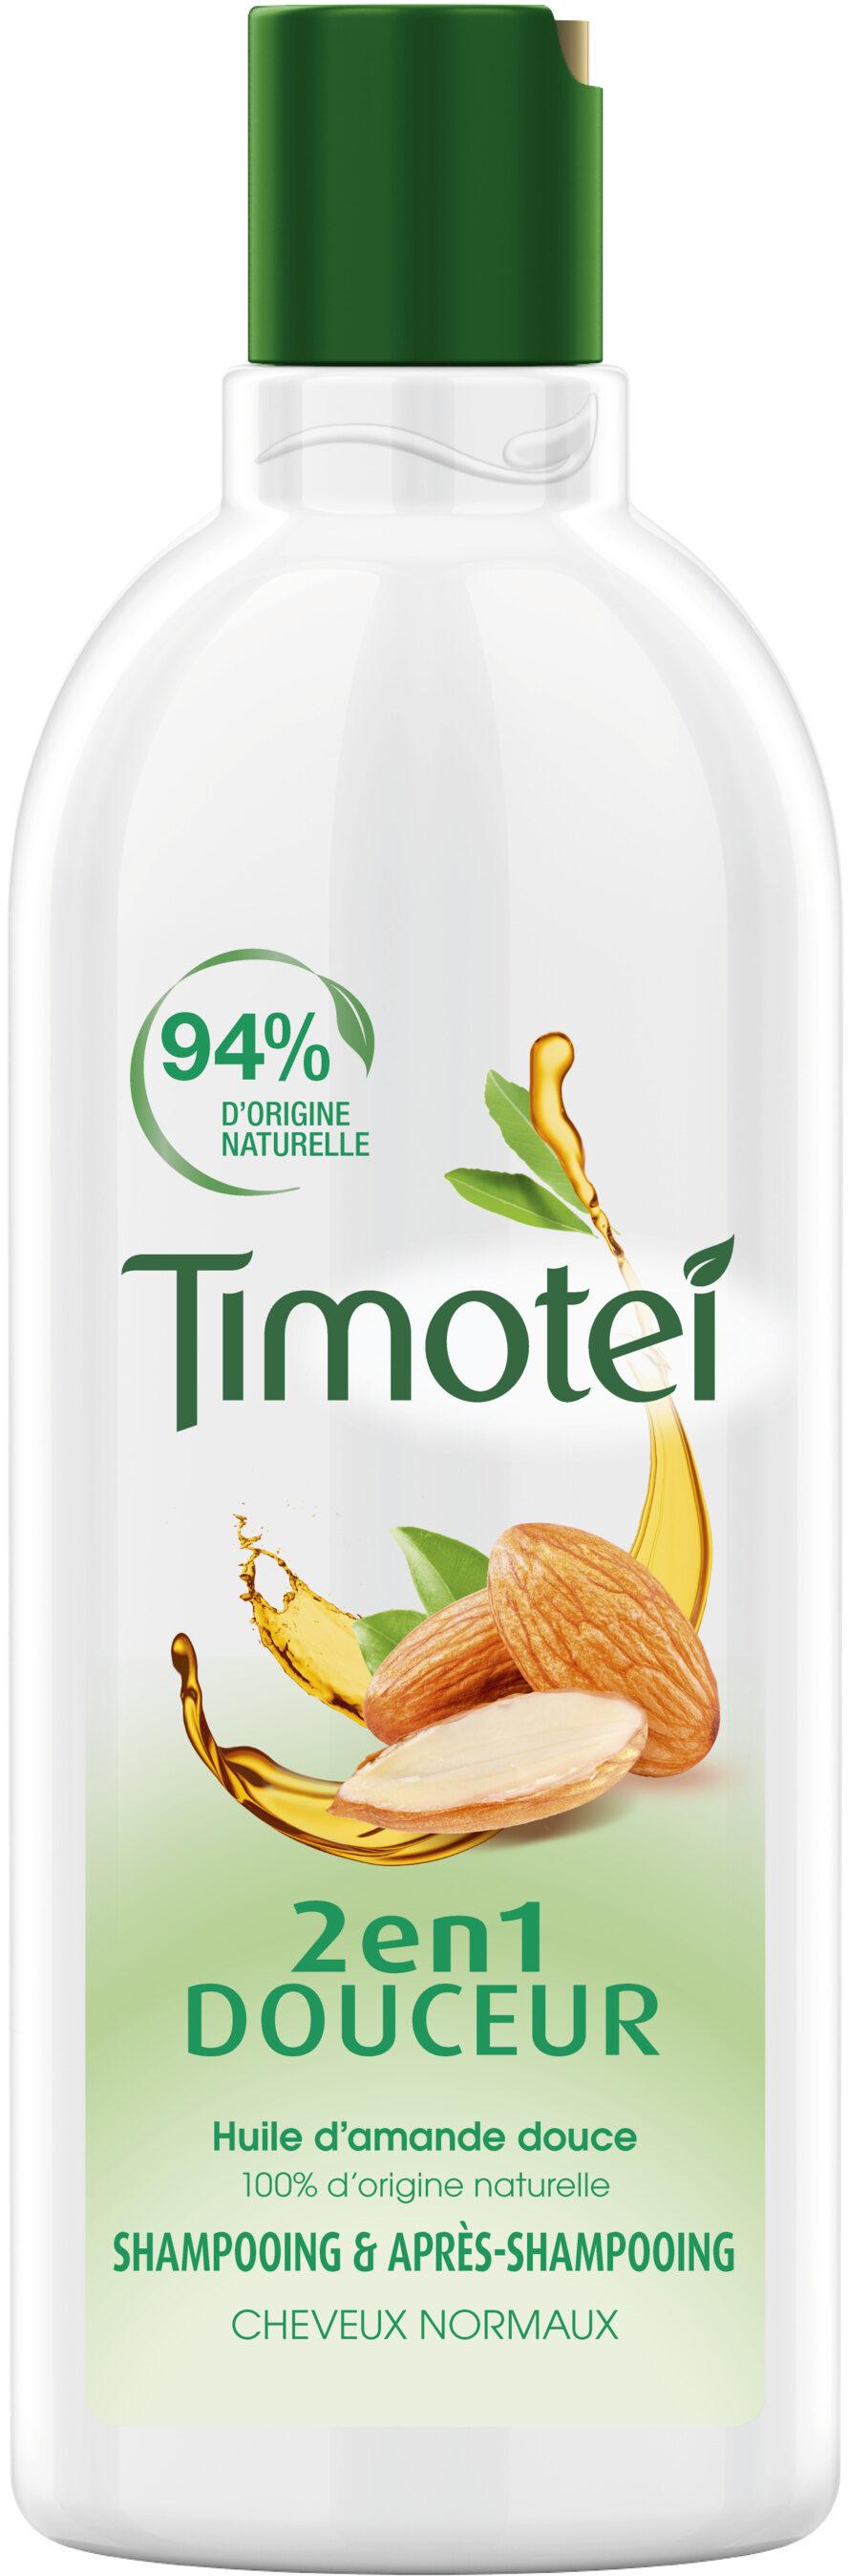 Timotei 2en1 Shampooing Femme Douceur Huille d'Amande Douce Cheveux Normaux - Product - fr